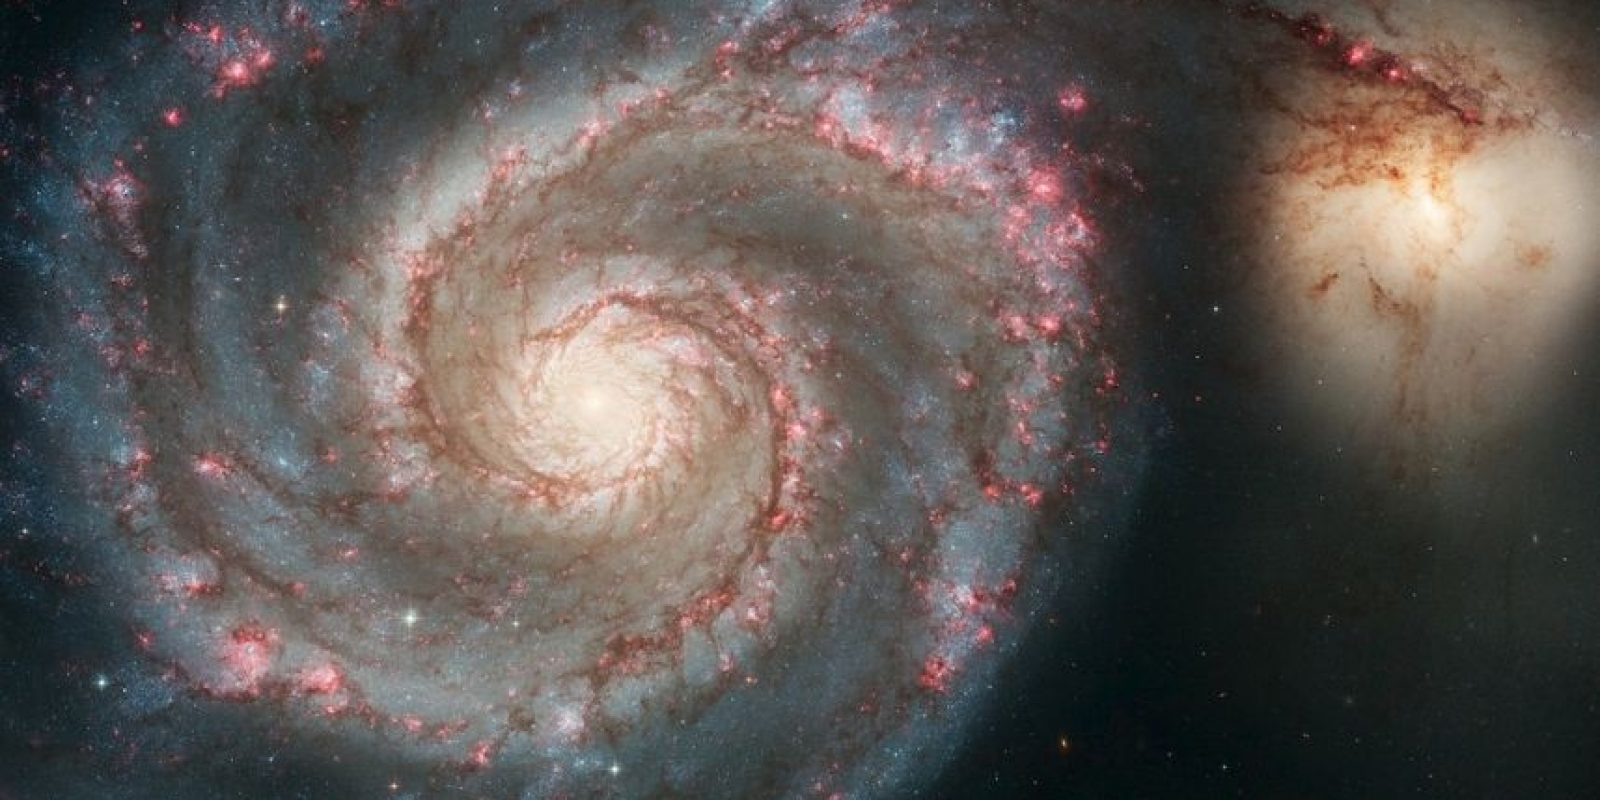 3.- Los brazos serpenteantes de la majestuosa galaxia espiral M51 (NGC 5194) aparecen como una gran escalera de caracol a través del cosmos. Son realmente carriles de estrellas y gas atados con polvo. Foto:Hubble